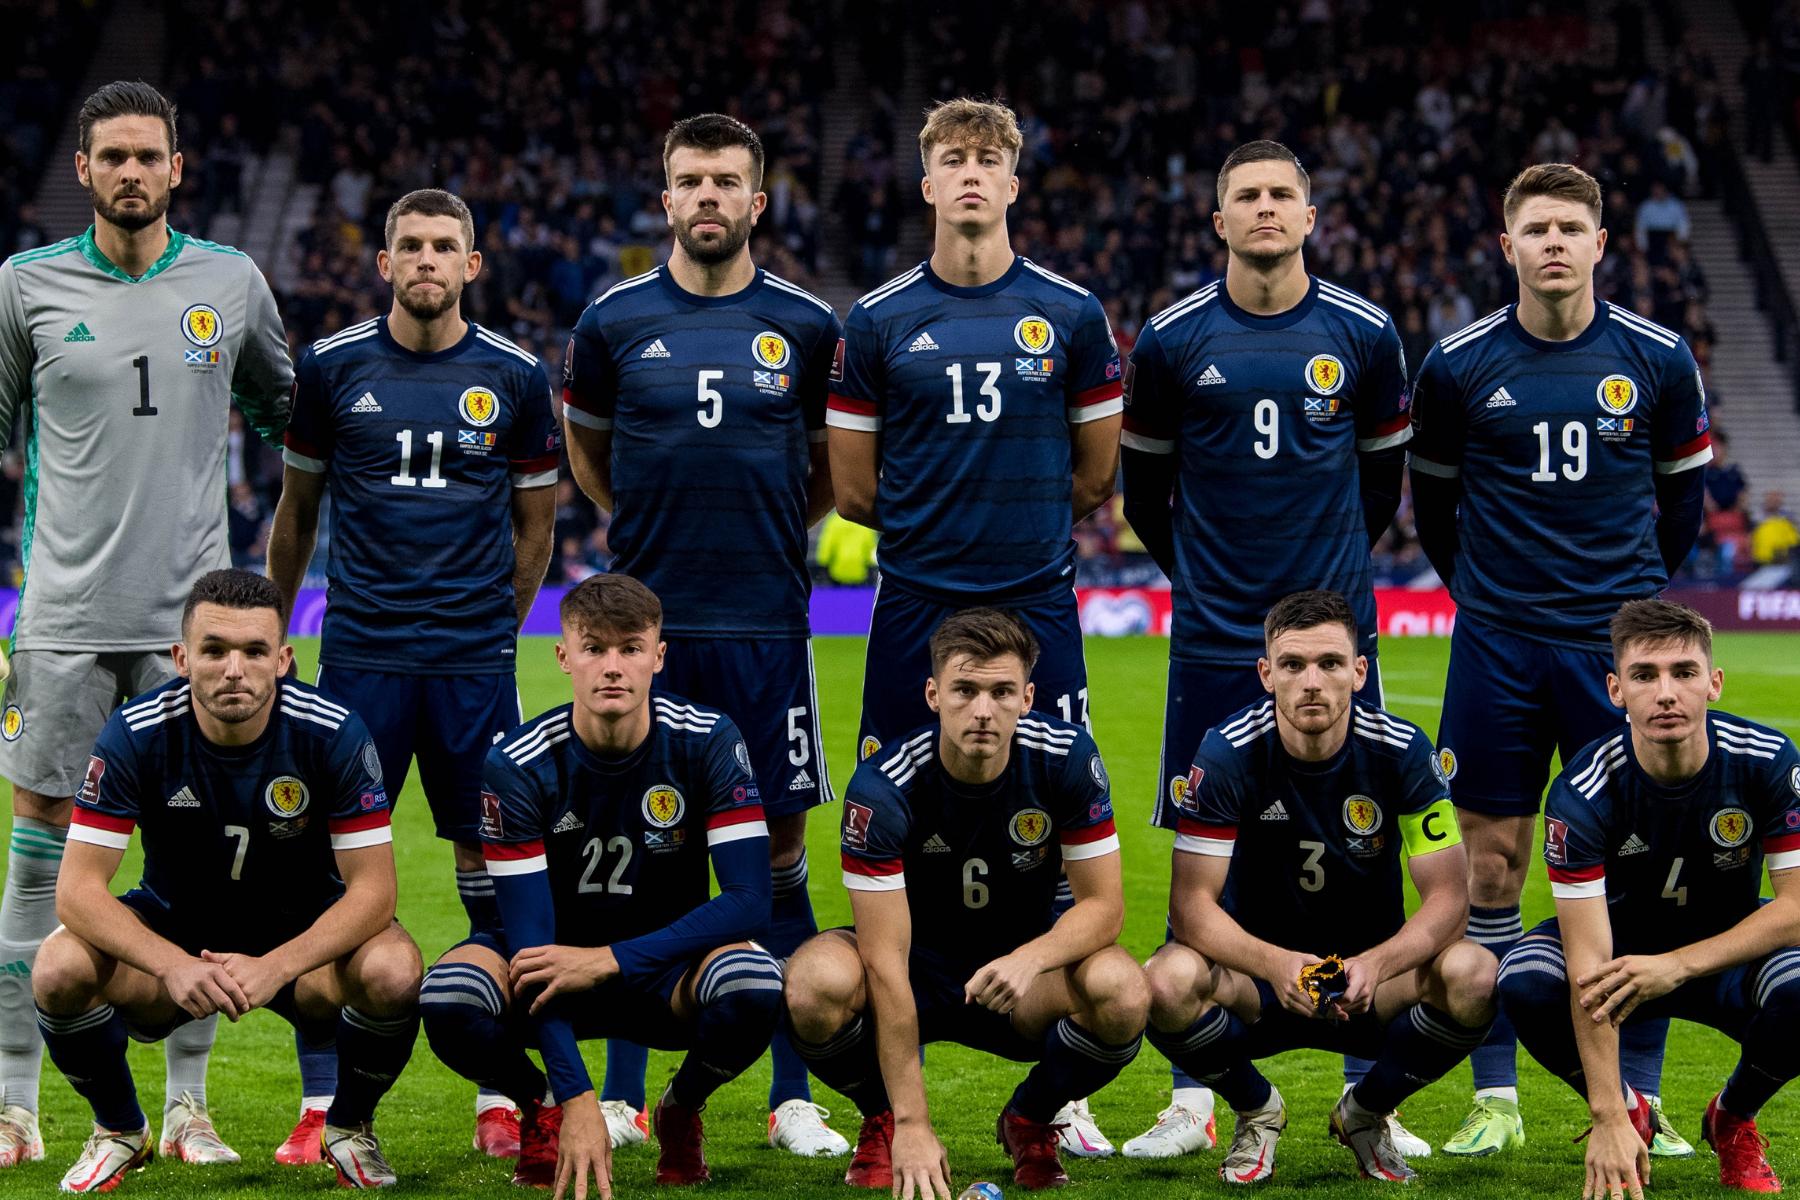 Escocia vs Israel: alineación y predicciones de puntuación para el clasificatorio para la Copa del Mundo